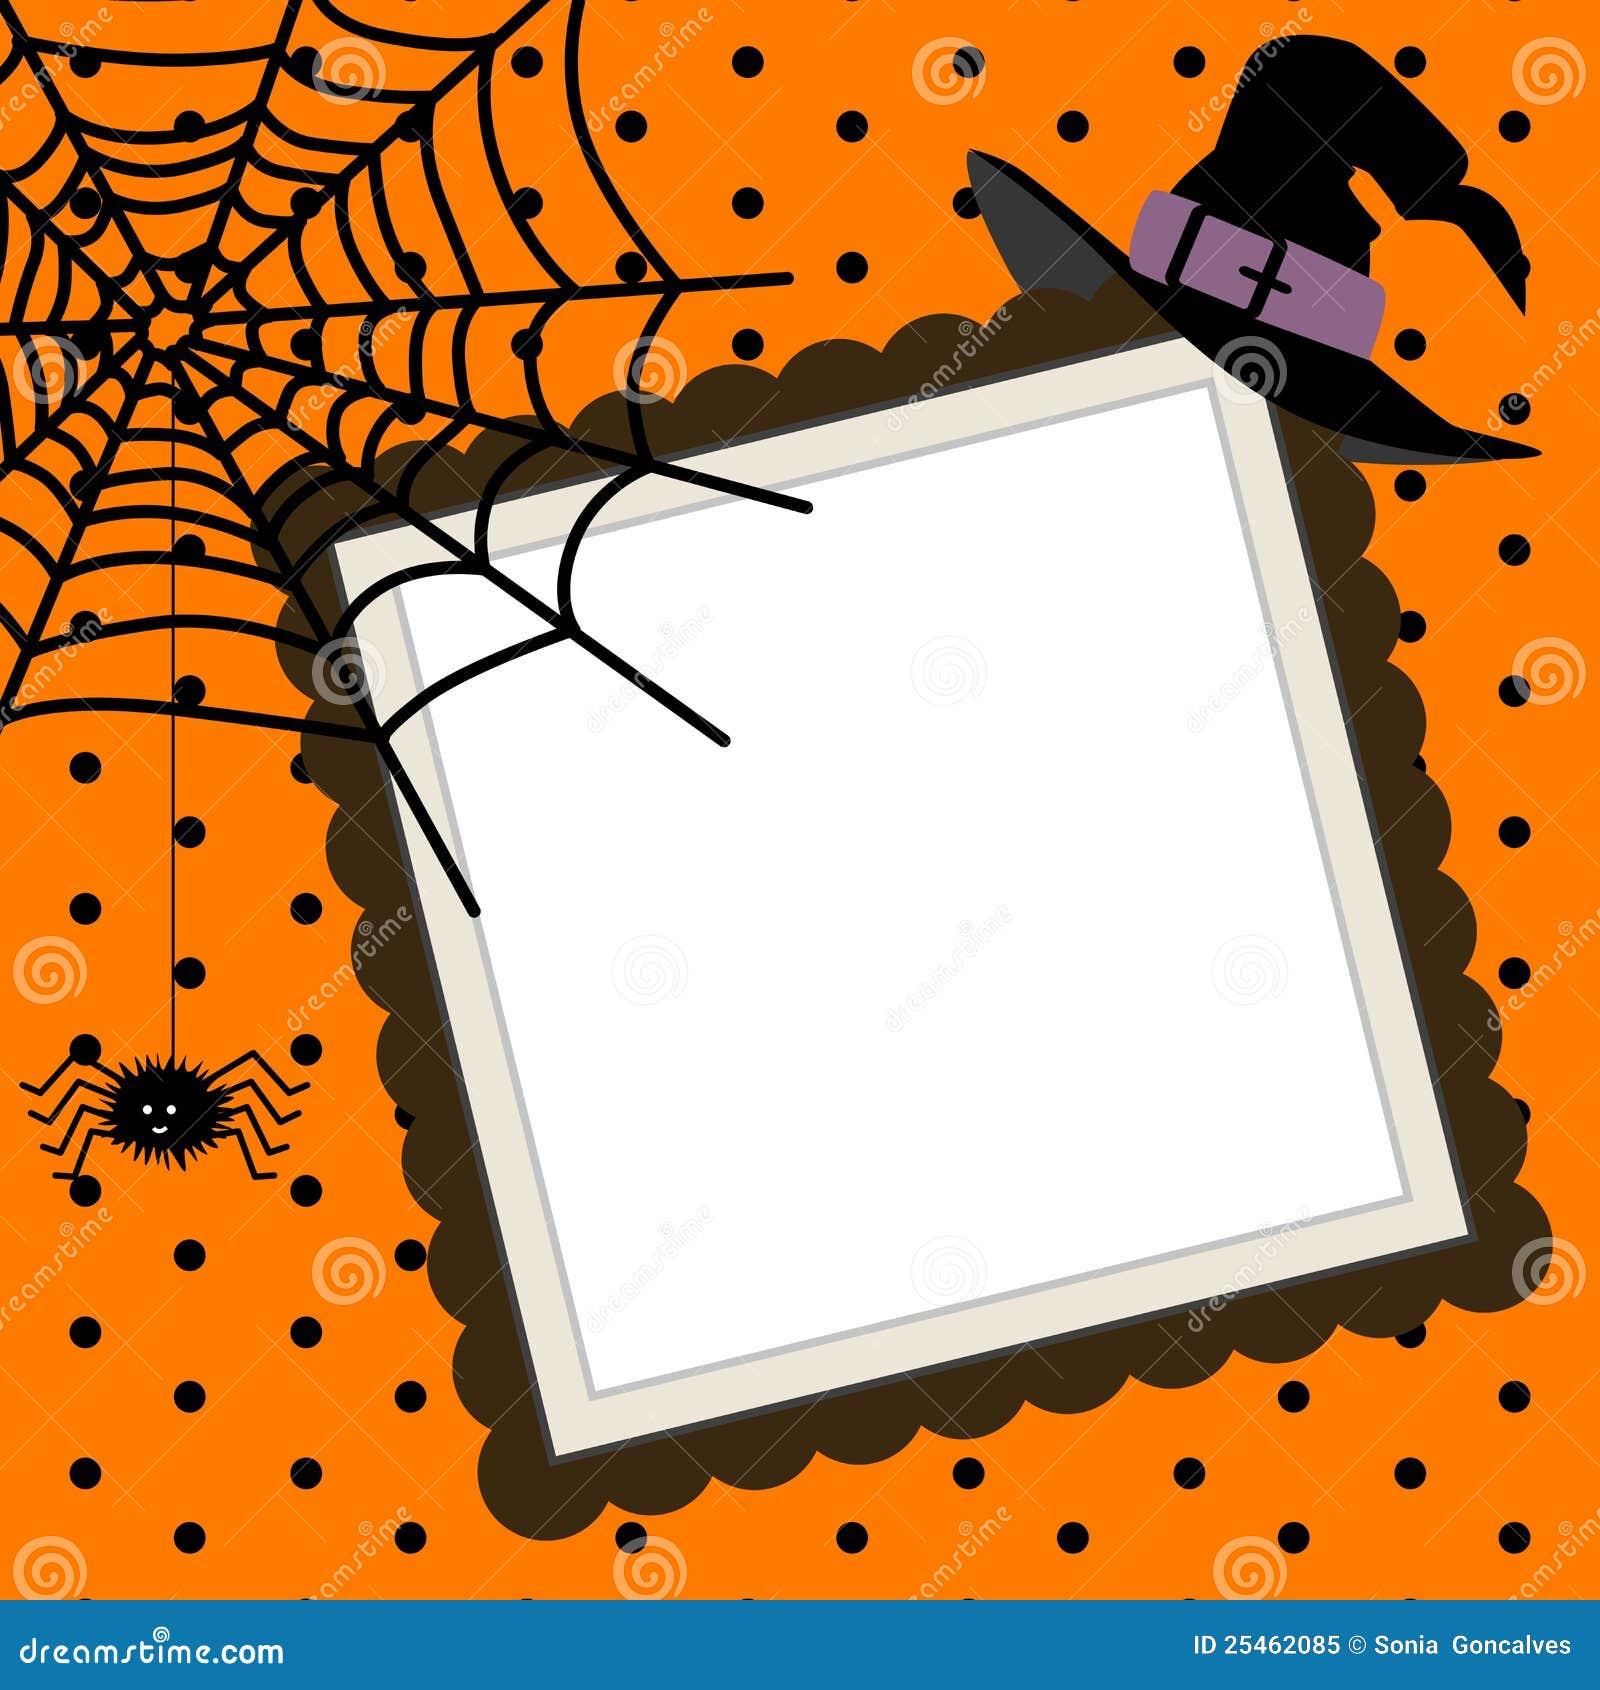 构成万圣节表示可升级的蜘蛛矢量万维网巫婆的帽子图象.图片